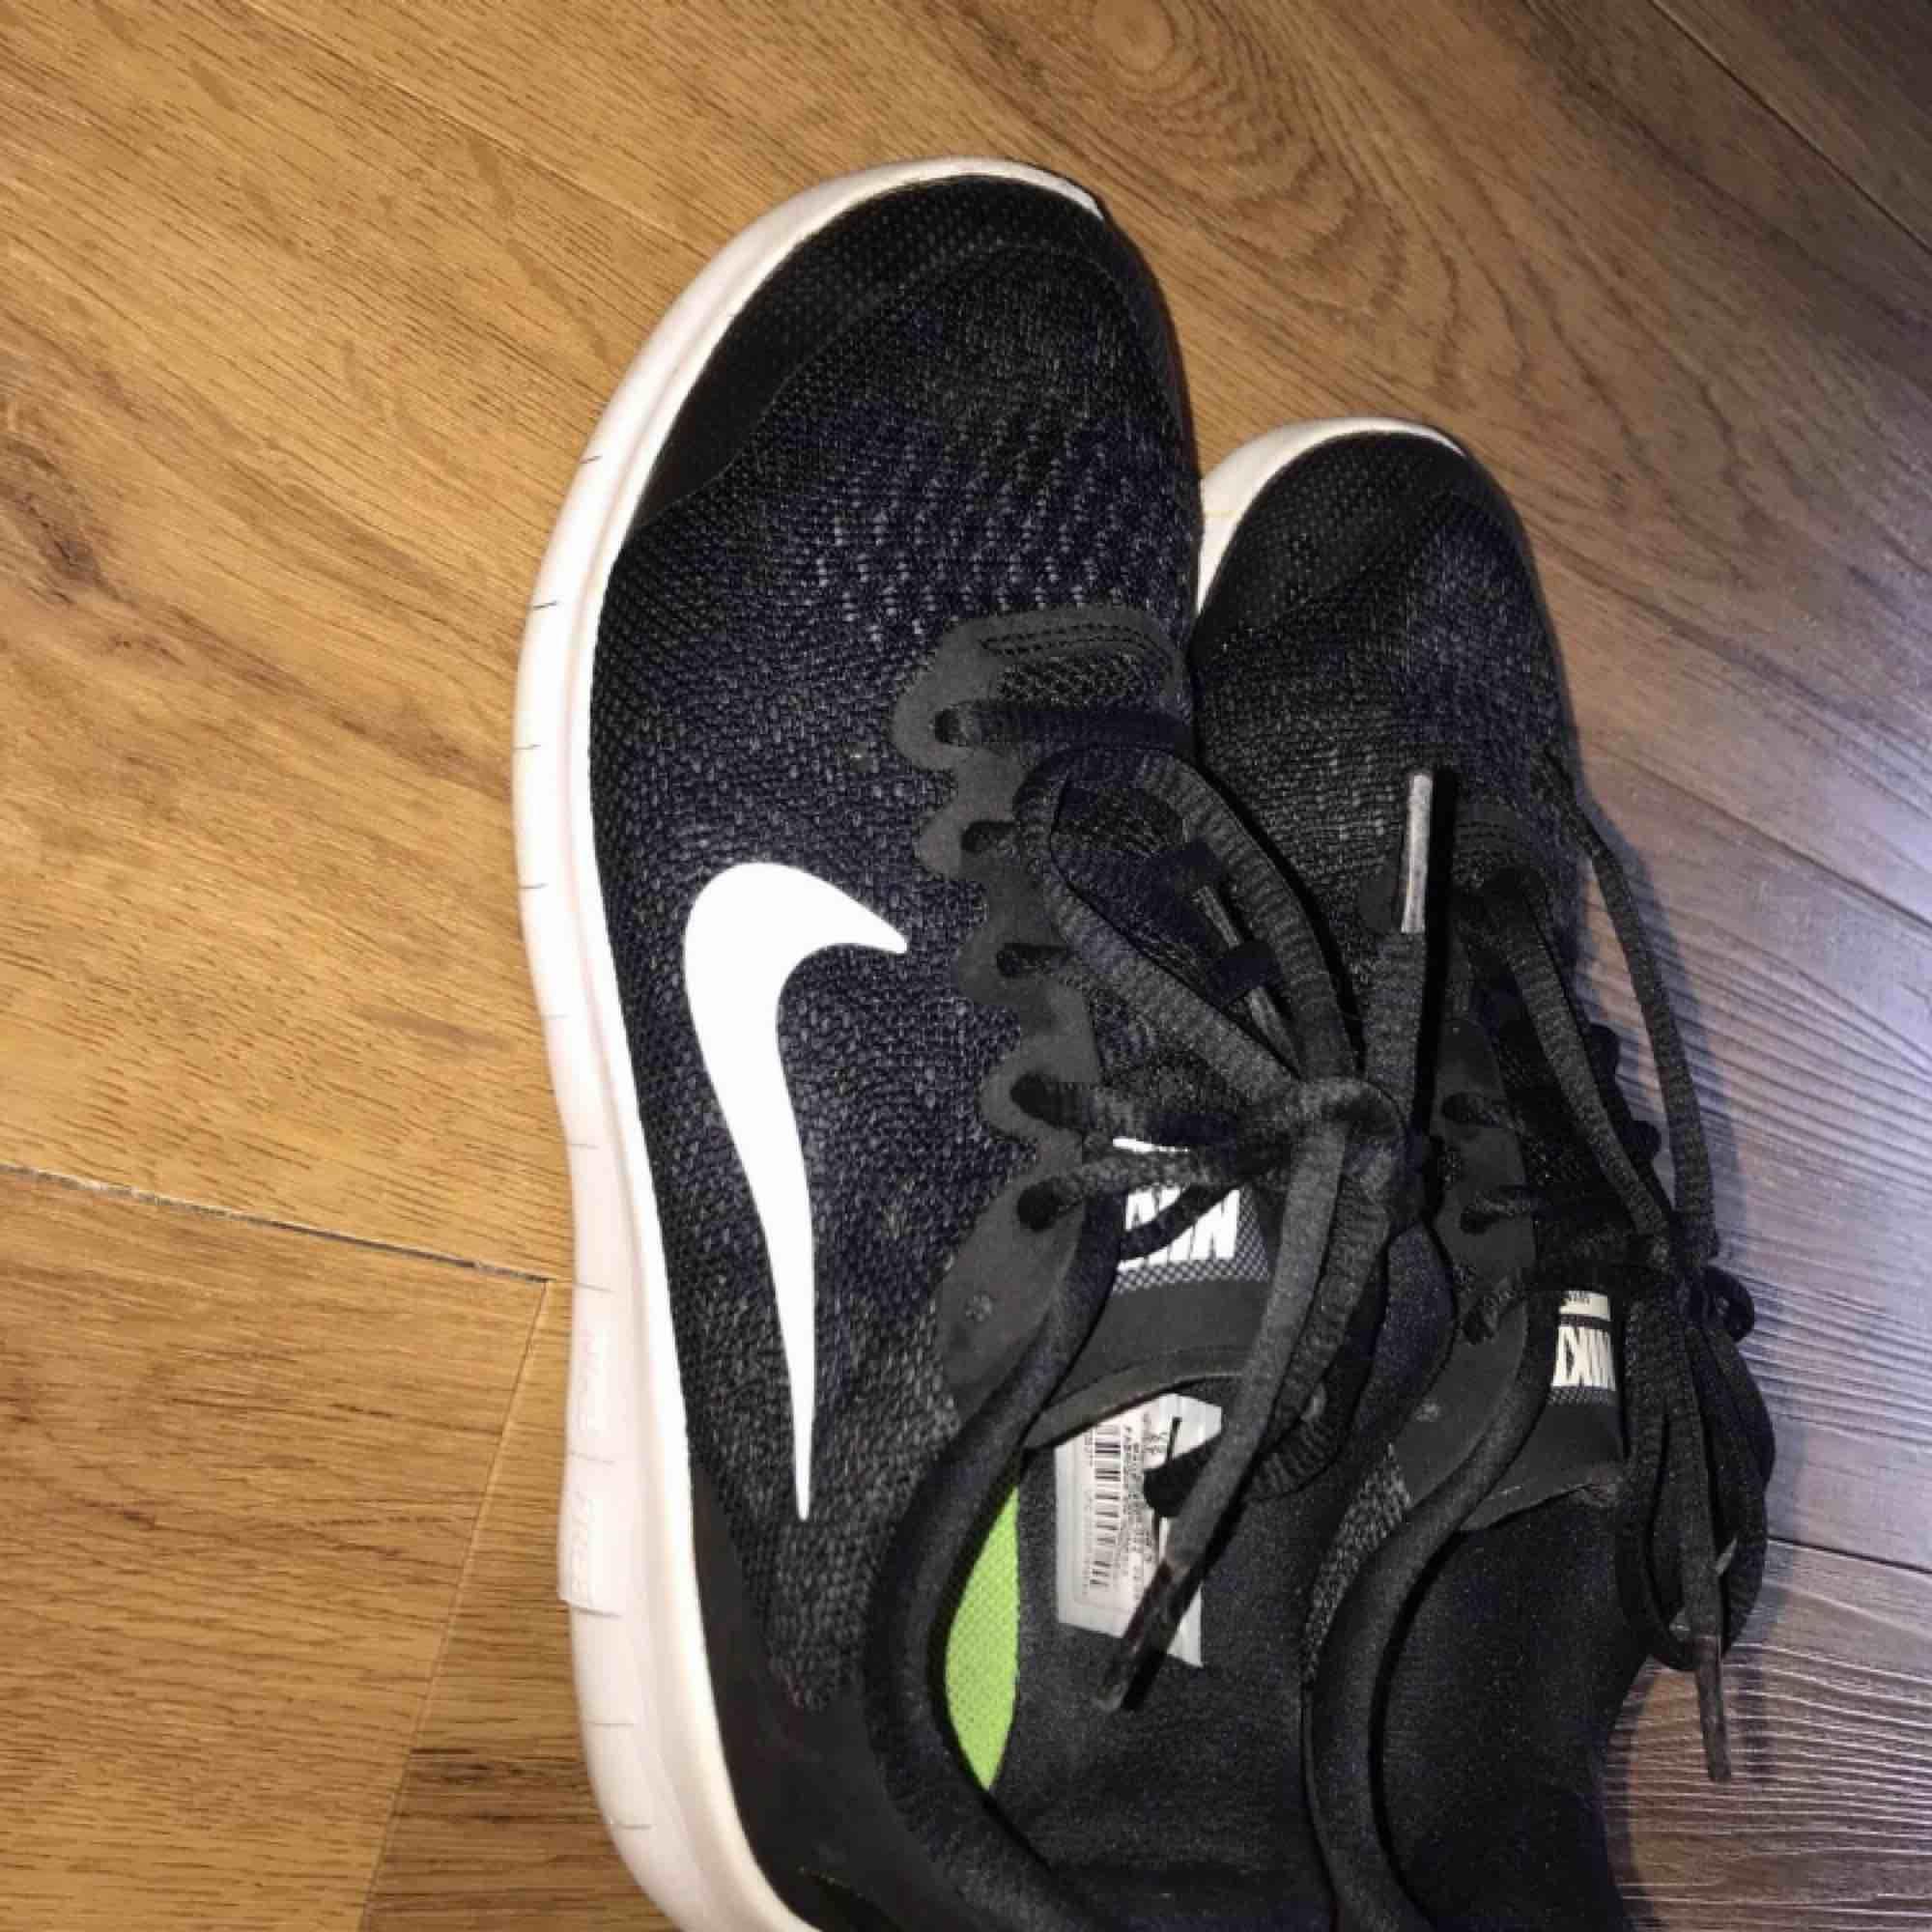 bekväma, flexibla & ger extra bra grepp runt hälen. Skorna är lätta att rengöra efter leriga löprundor! snöret är gjort i material som gör att knutarna inte går upp i första taget! Skavsår finns inte med på kartan!  Köpta för 799kr & i nyskick . Skor.